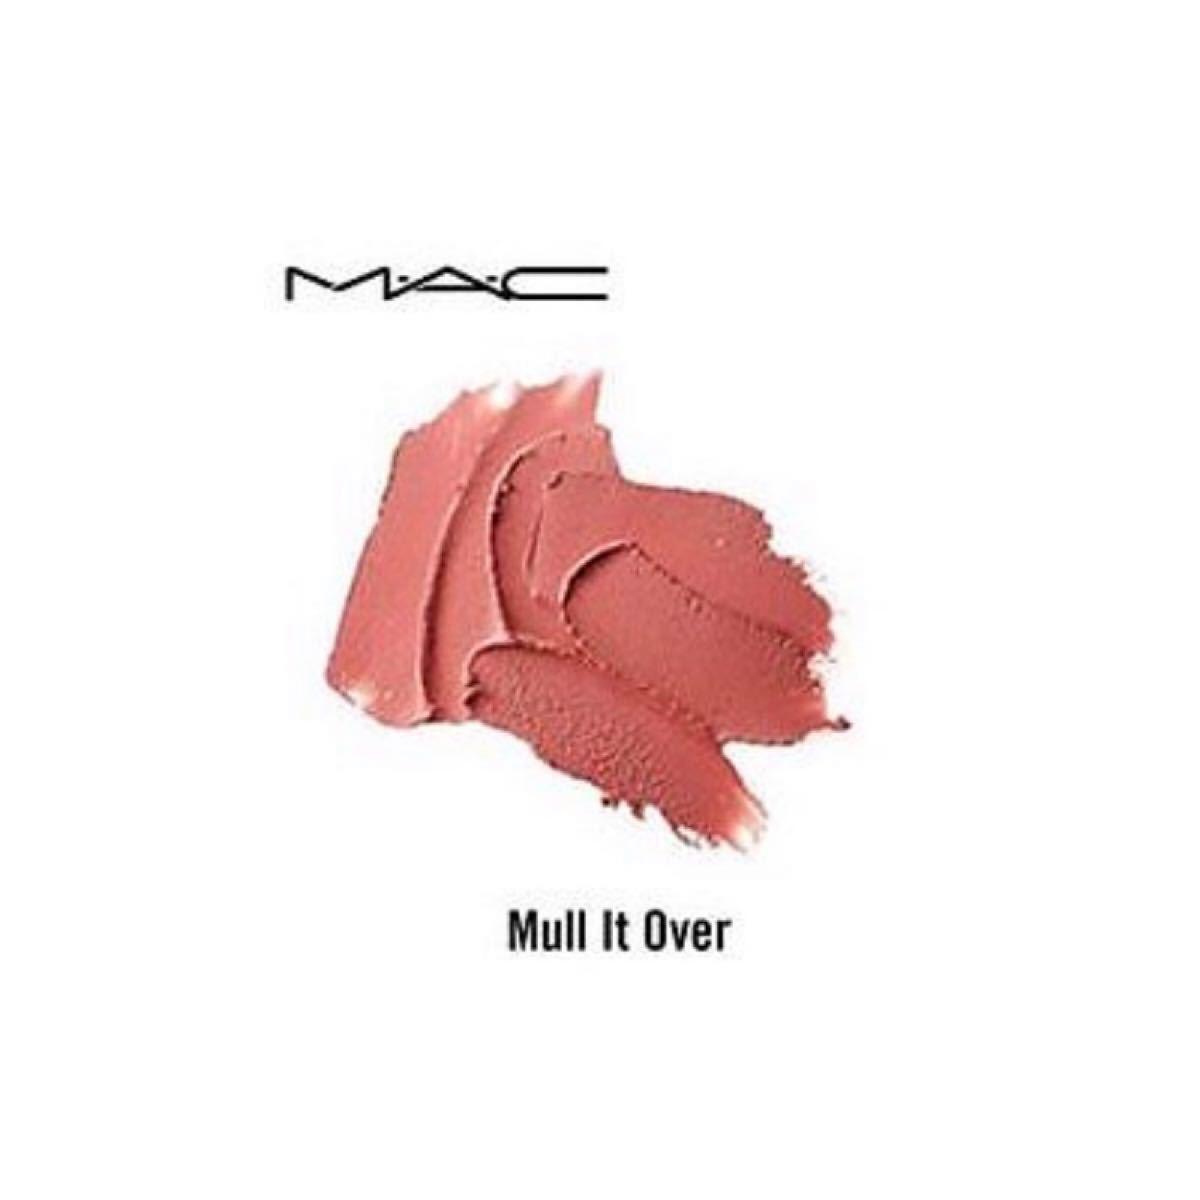 MAC/【Mull It Over】 七夕限定パッケージ パウダーキス リップスティック 口紅 マック マルイットオーバー